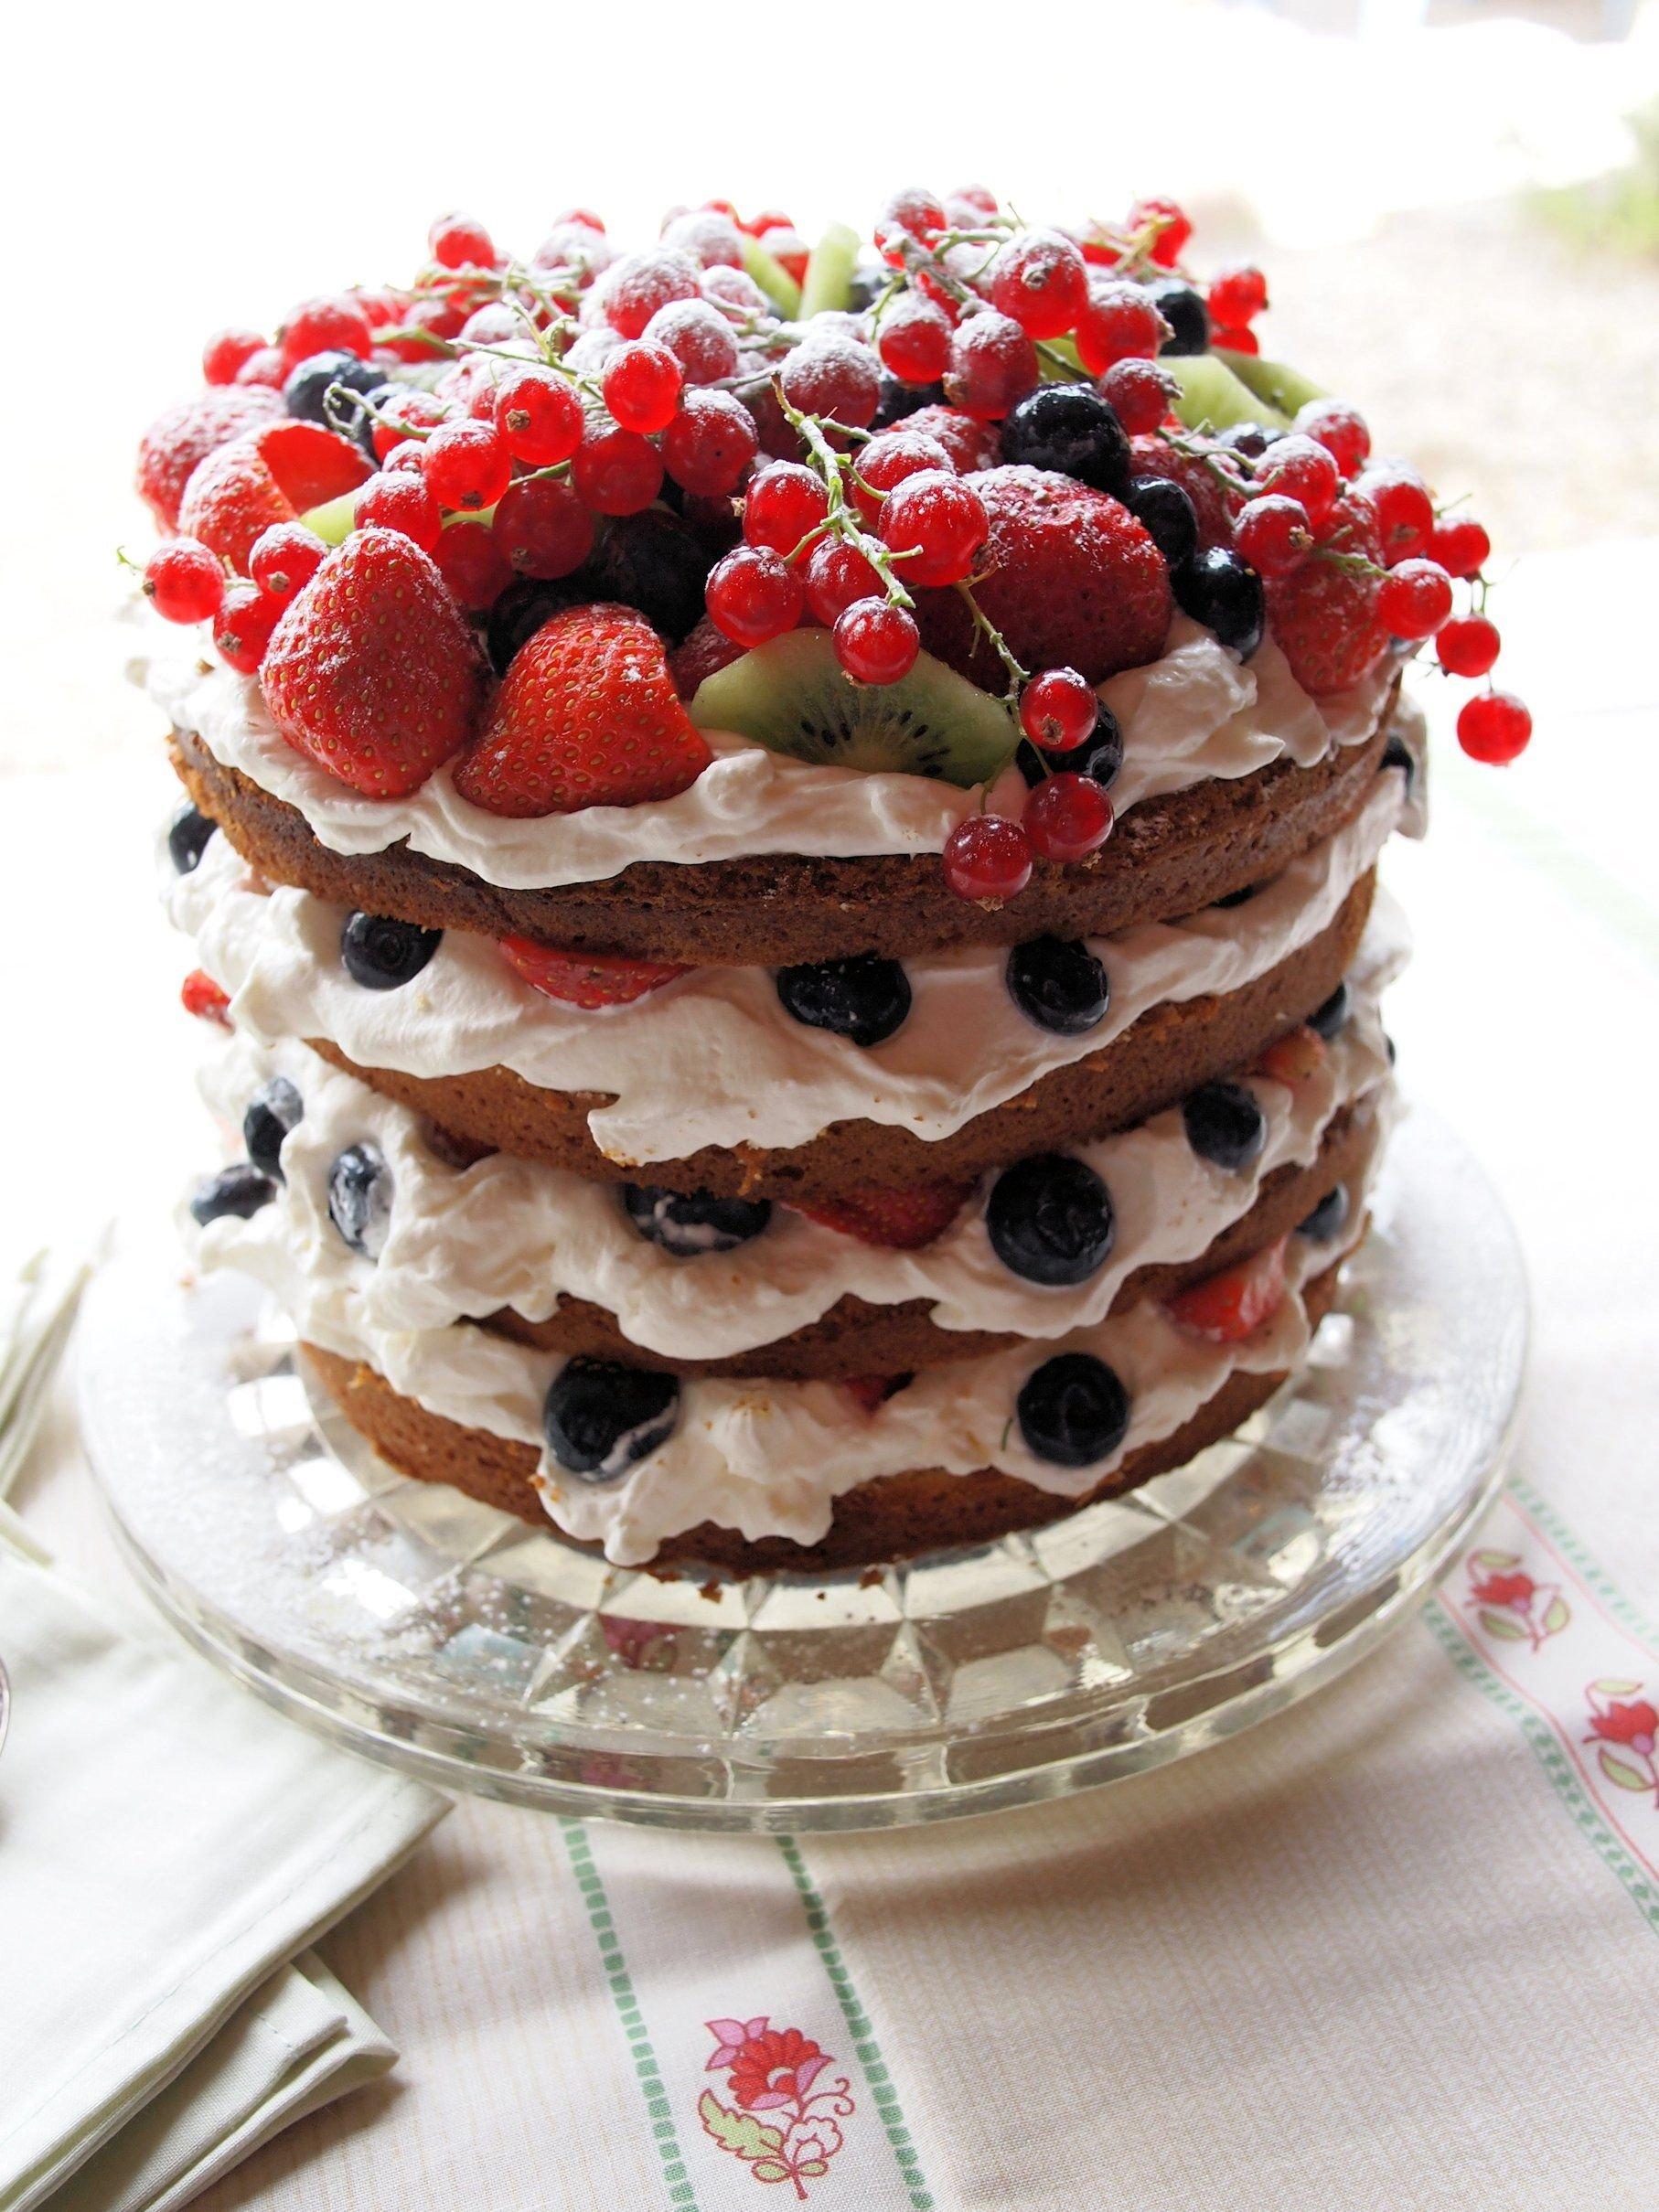 филиппинская украшение торта свежими ягодами фото так счастлив